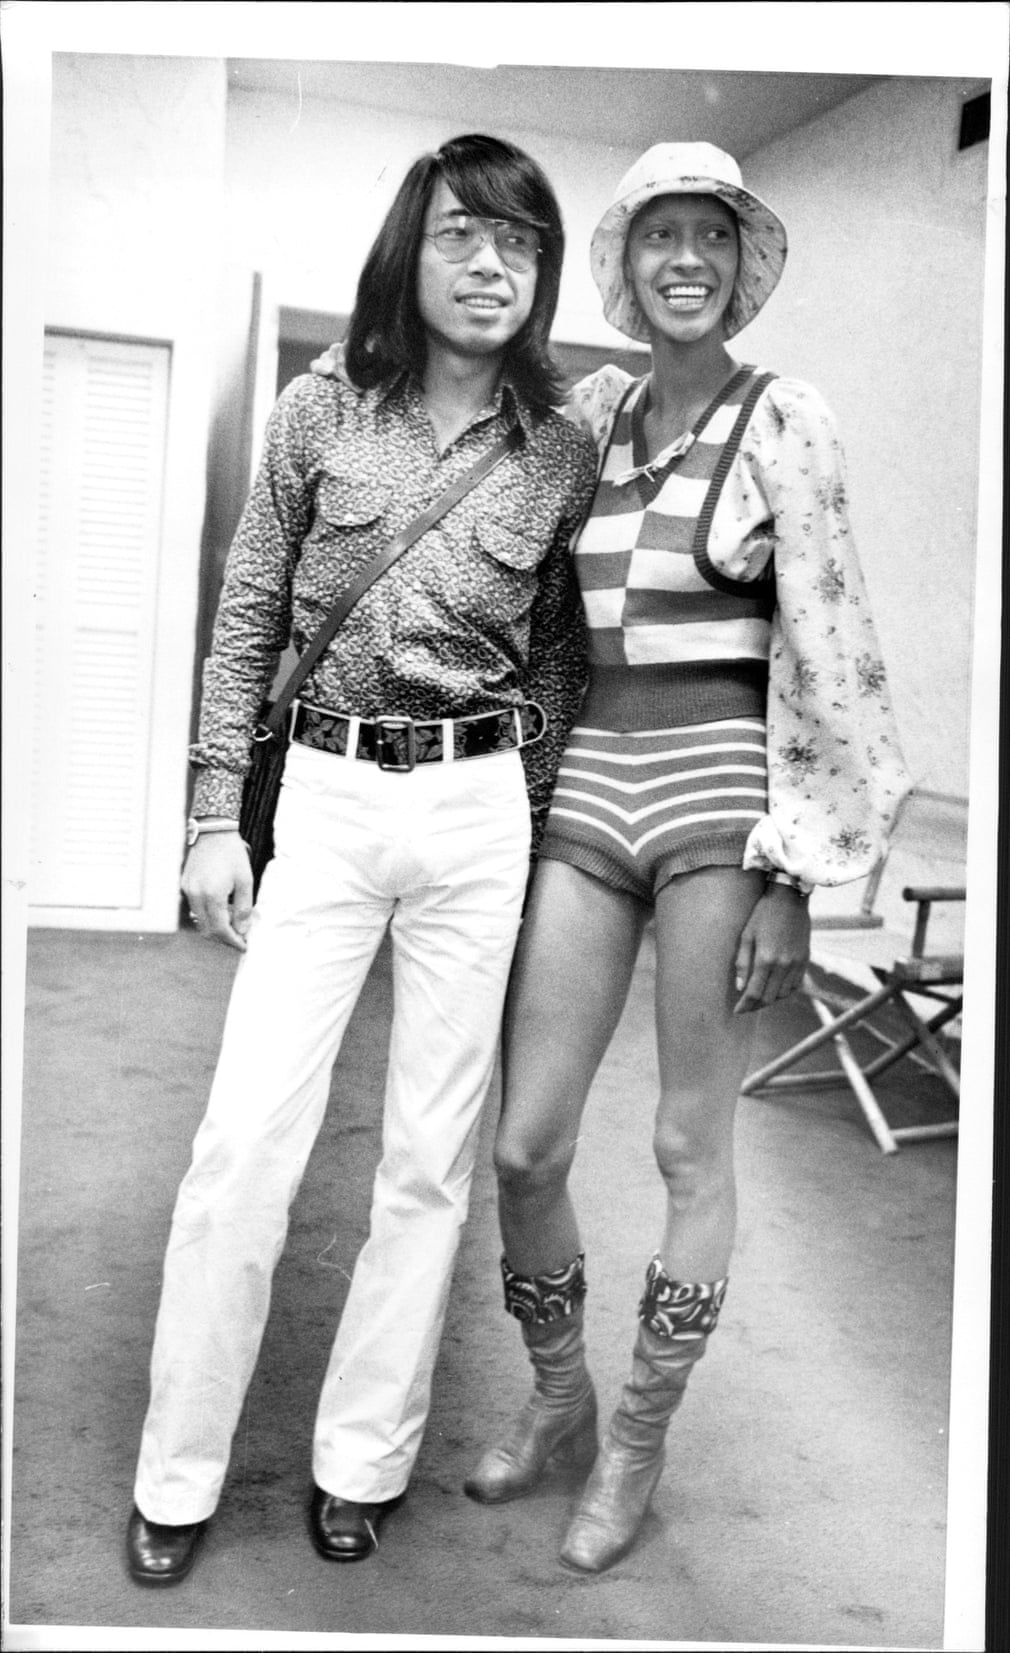 ntk kenzo takada và người mẫu Carol LaBrie năm 1971